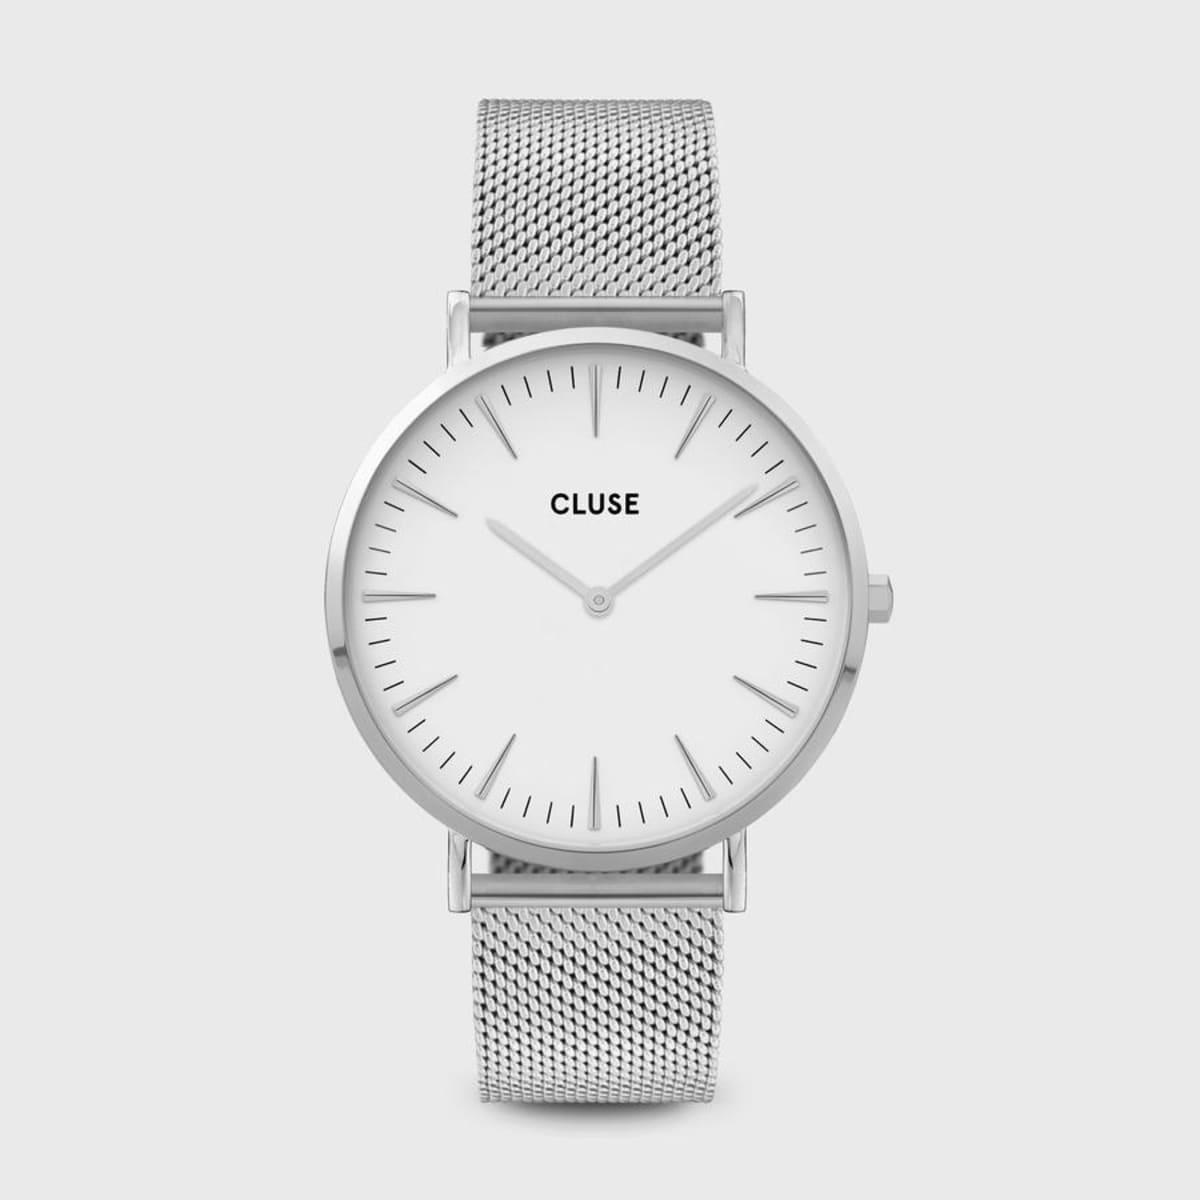 Reloj de pulsera de acero inoxidable para mujer, cronógrafo de cuarzo, Casual, Paul, San Valentín Relojes de mujer  - AliExpress